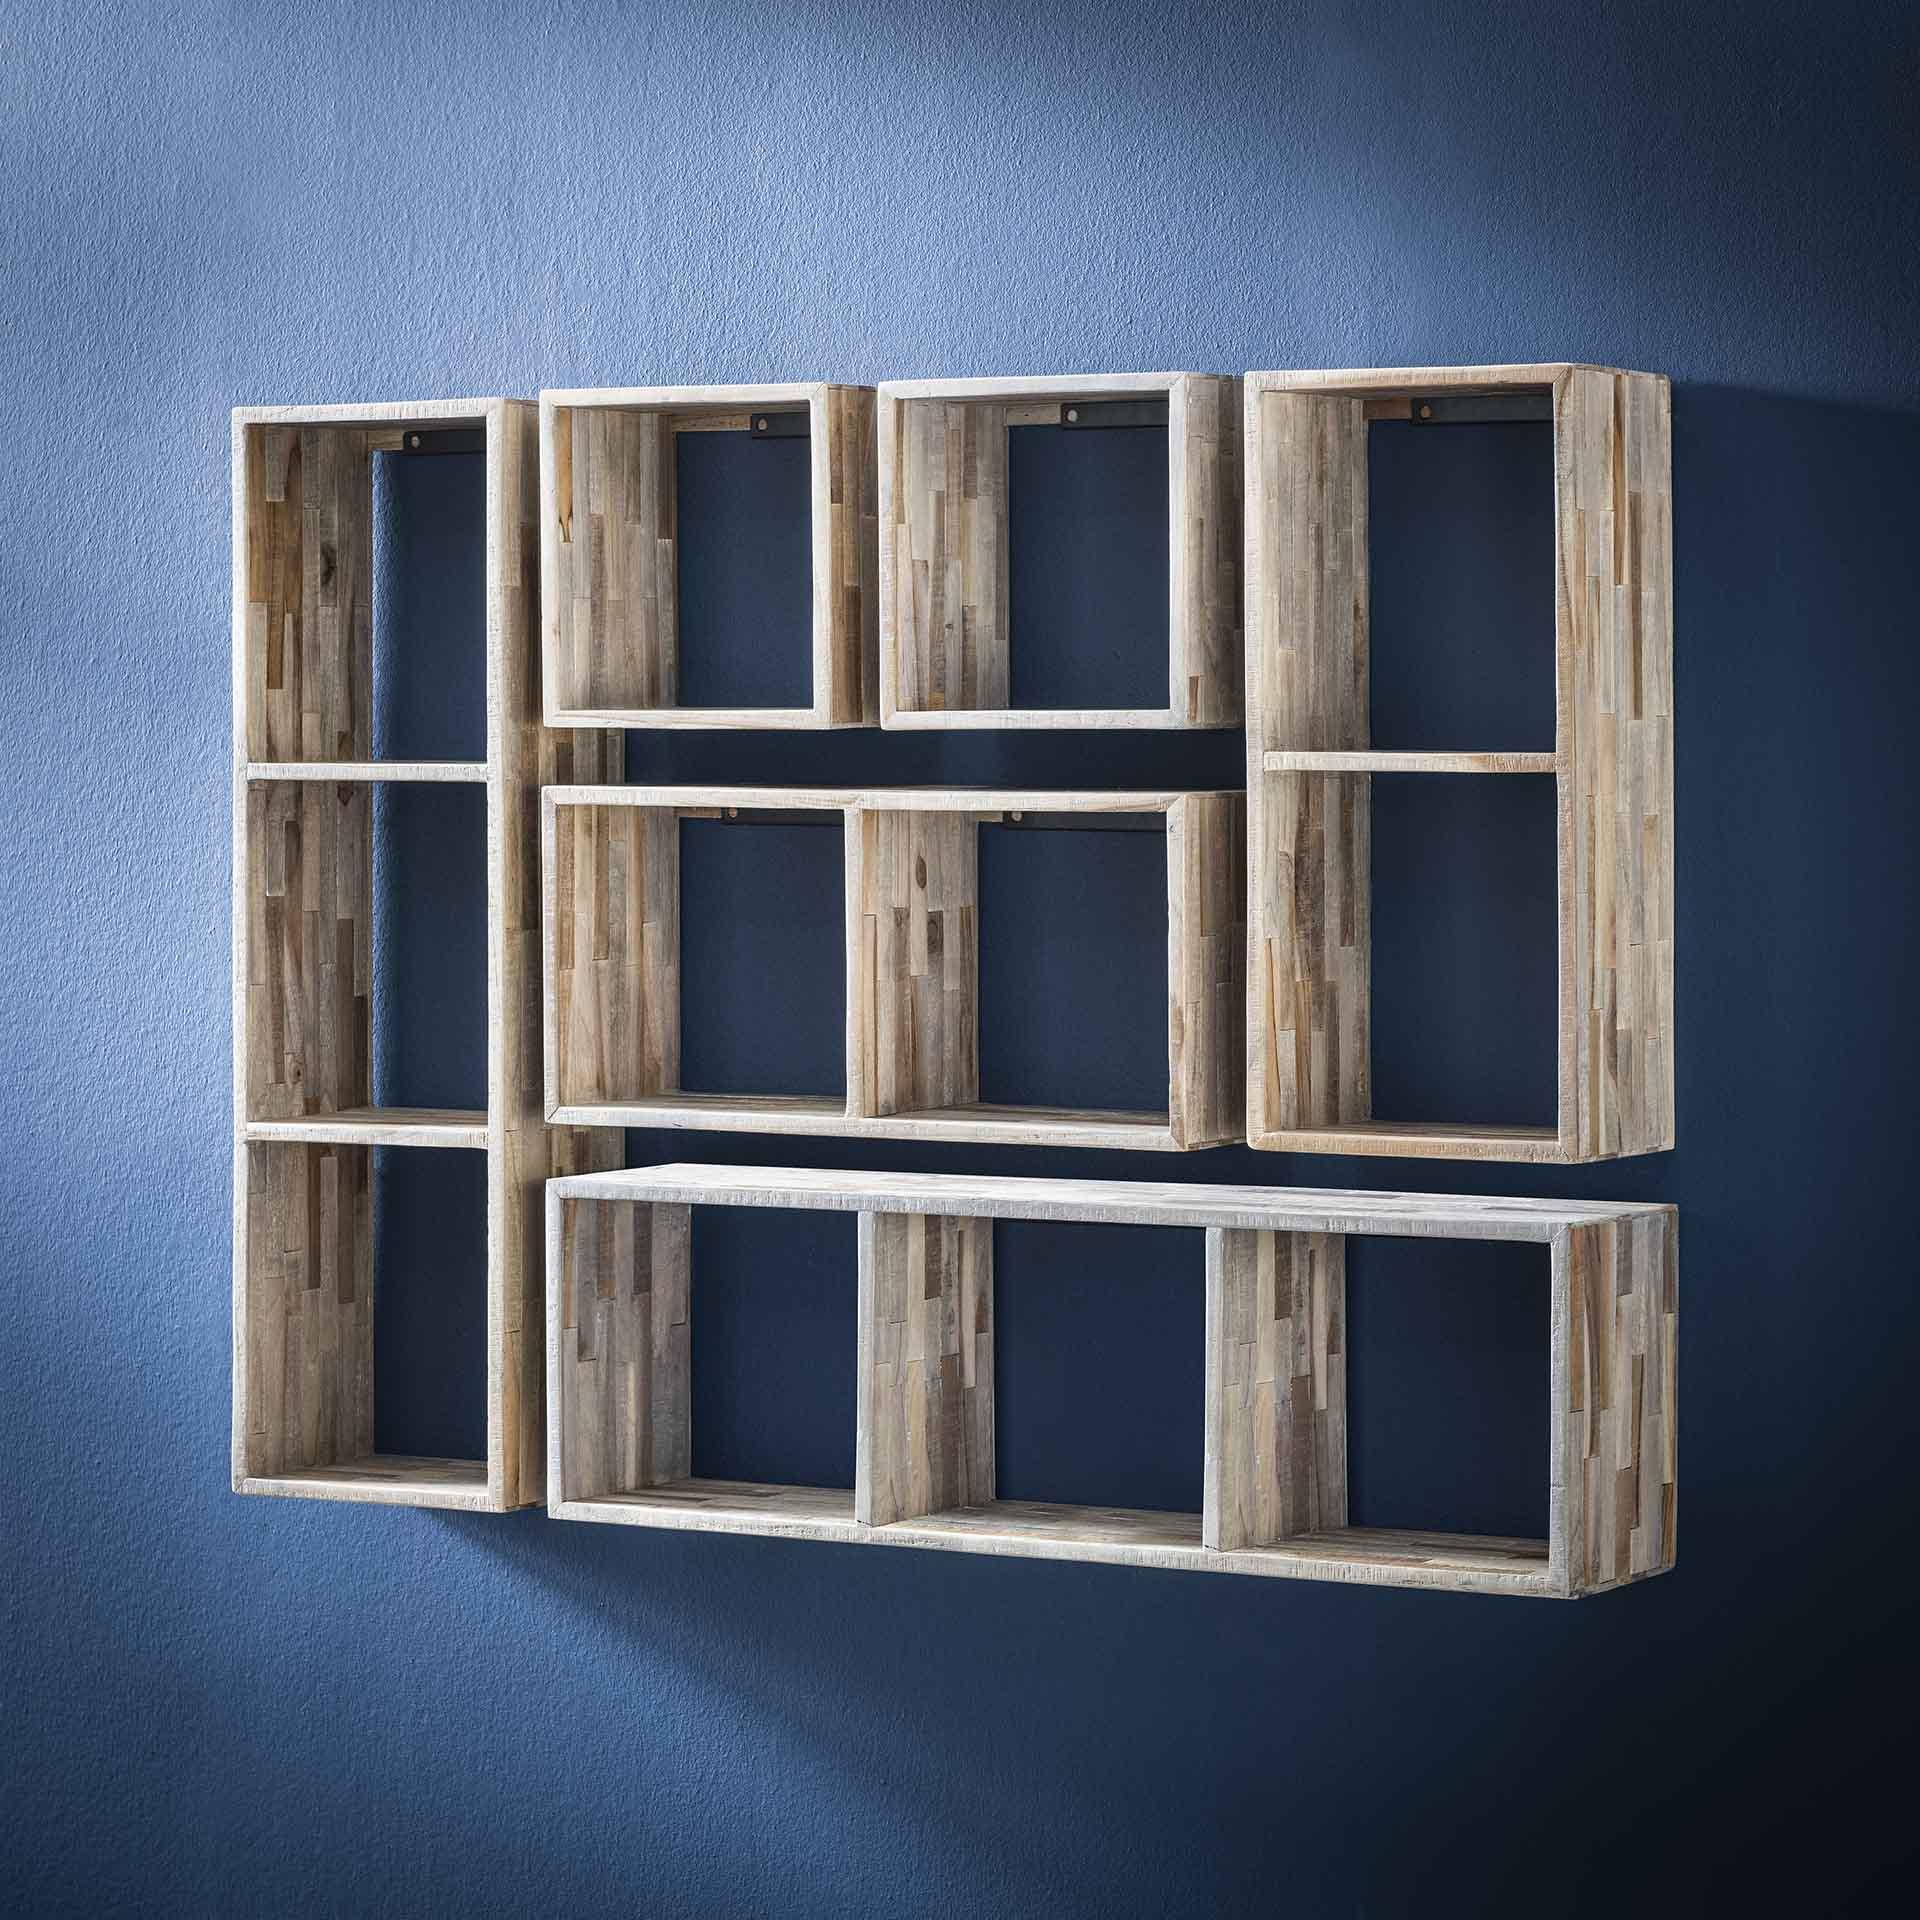 etagere cube bois de teck recycle finition vieillie 100 cm java etageres murales pier import